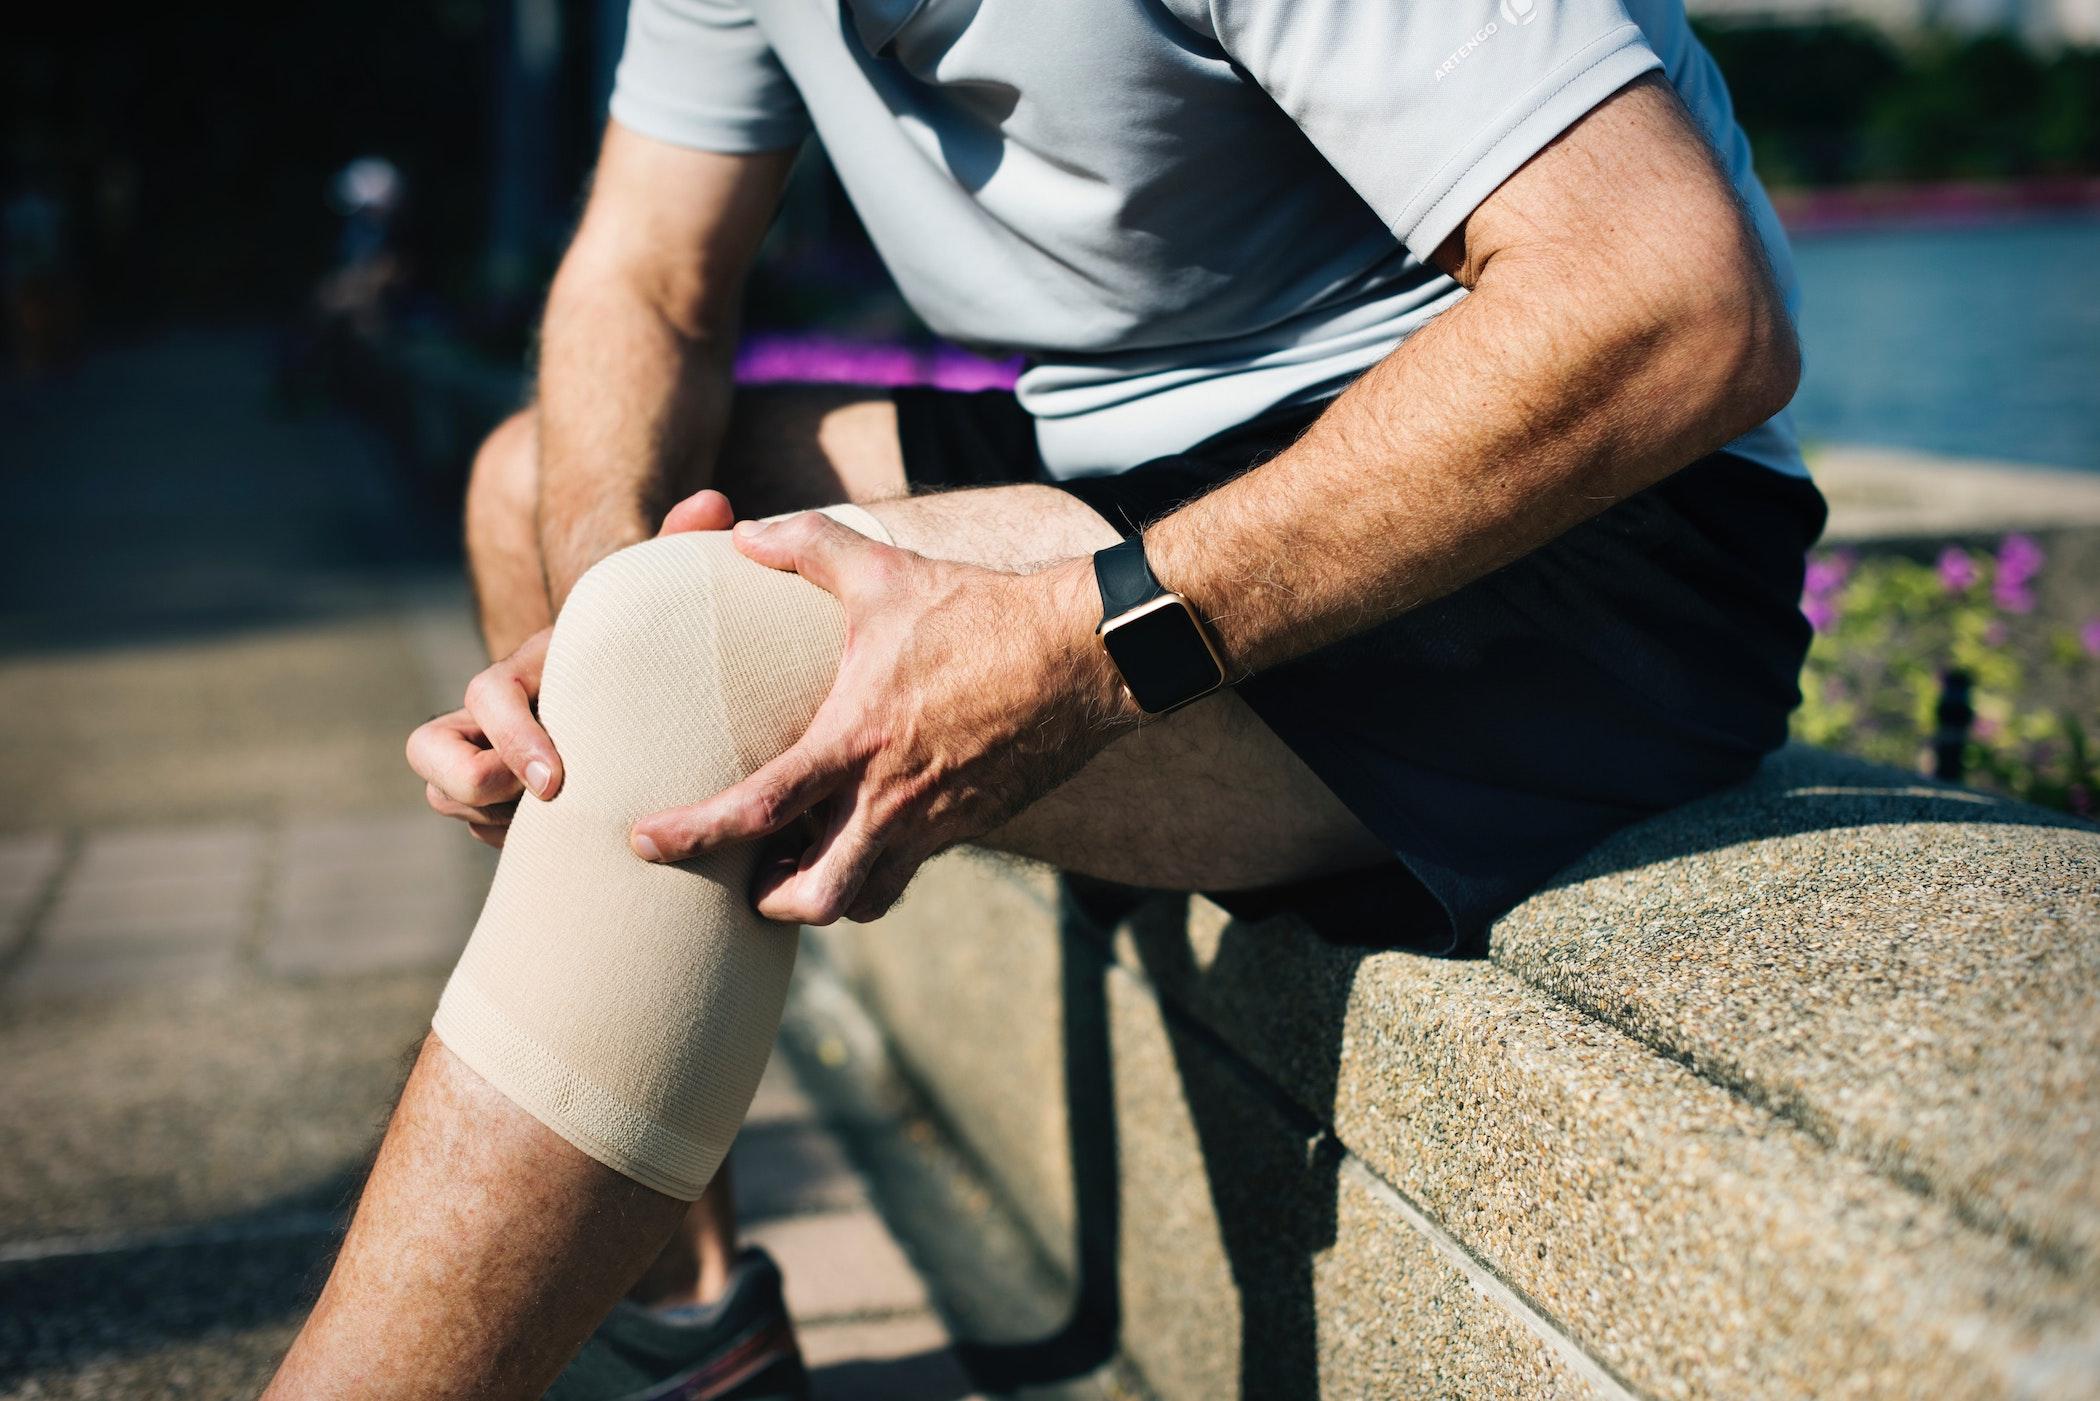 Knieschmerzen beim Laufen? Ursachen, Behandlung & Vorsorge..